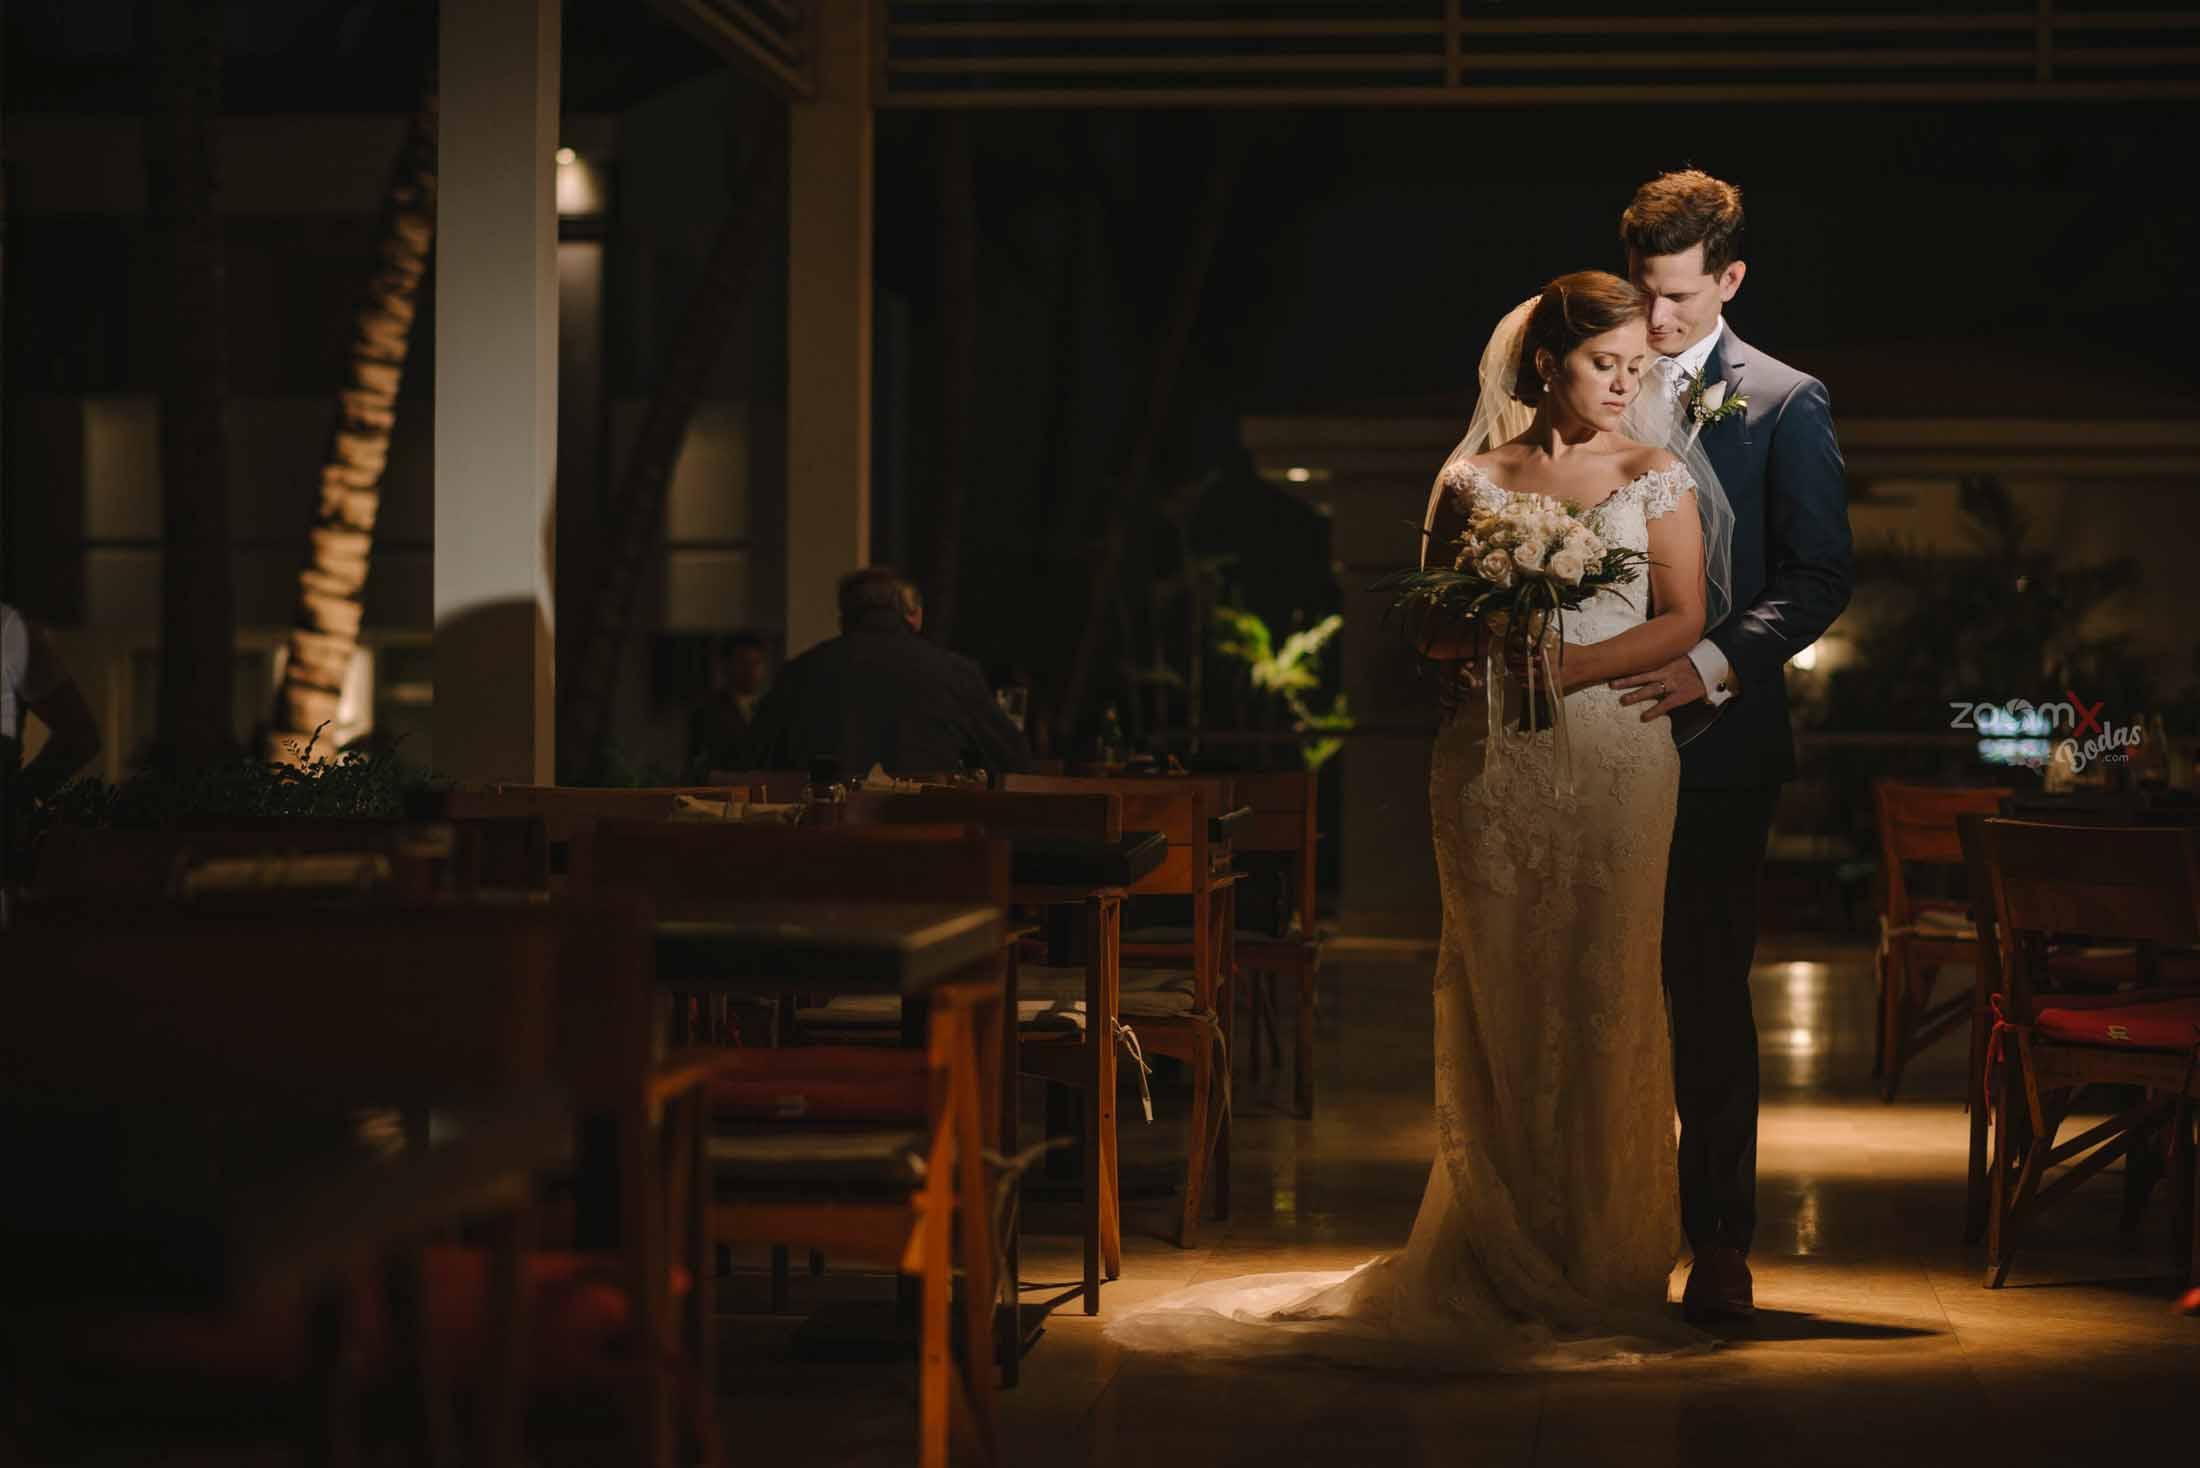 boda karla y franco, fotografia de bodas en piura, video de bodas en piura, fotografia y video de bodas en peru, erick ruiz, zoomxbodas, zoomx studio